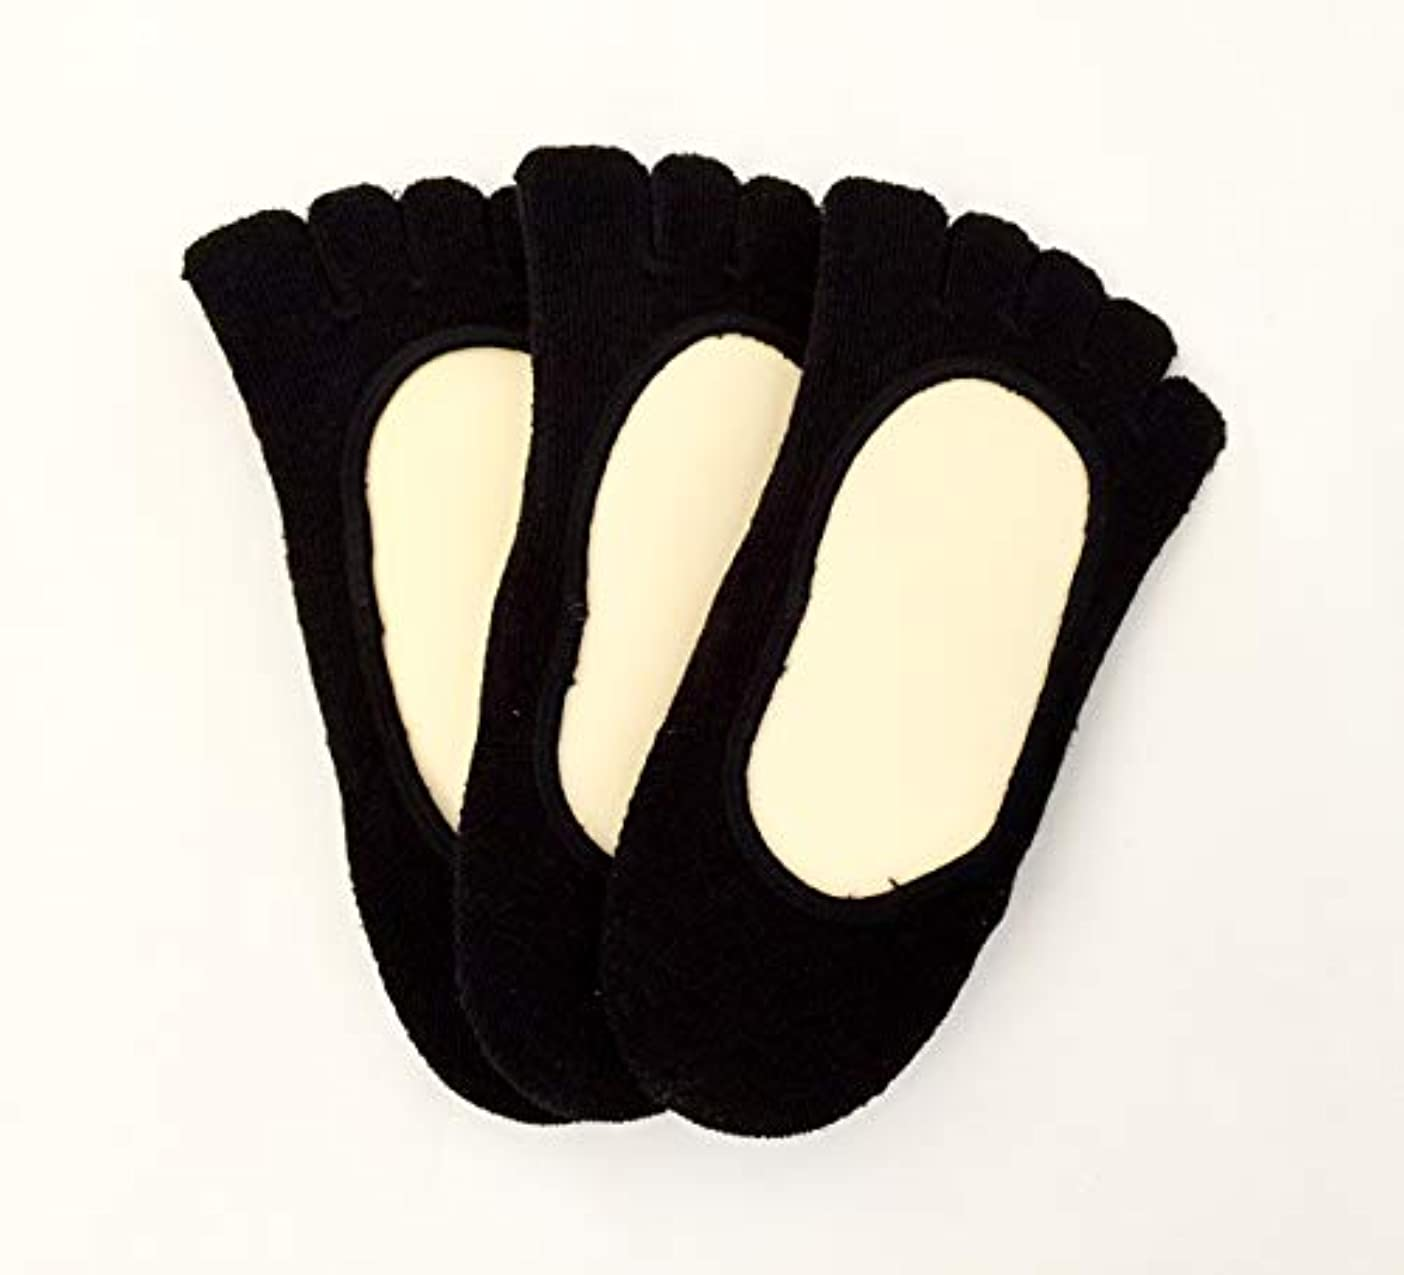 ベイビー硬いディスコ日本製 5本指フットカバー こだわりのシルク パンプスインソックス お買得3足組 (ブラック 3足組) セール開催中